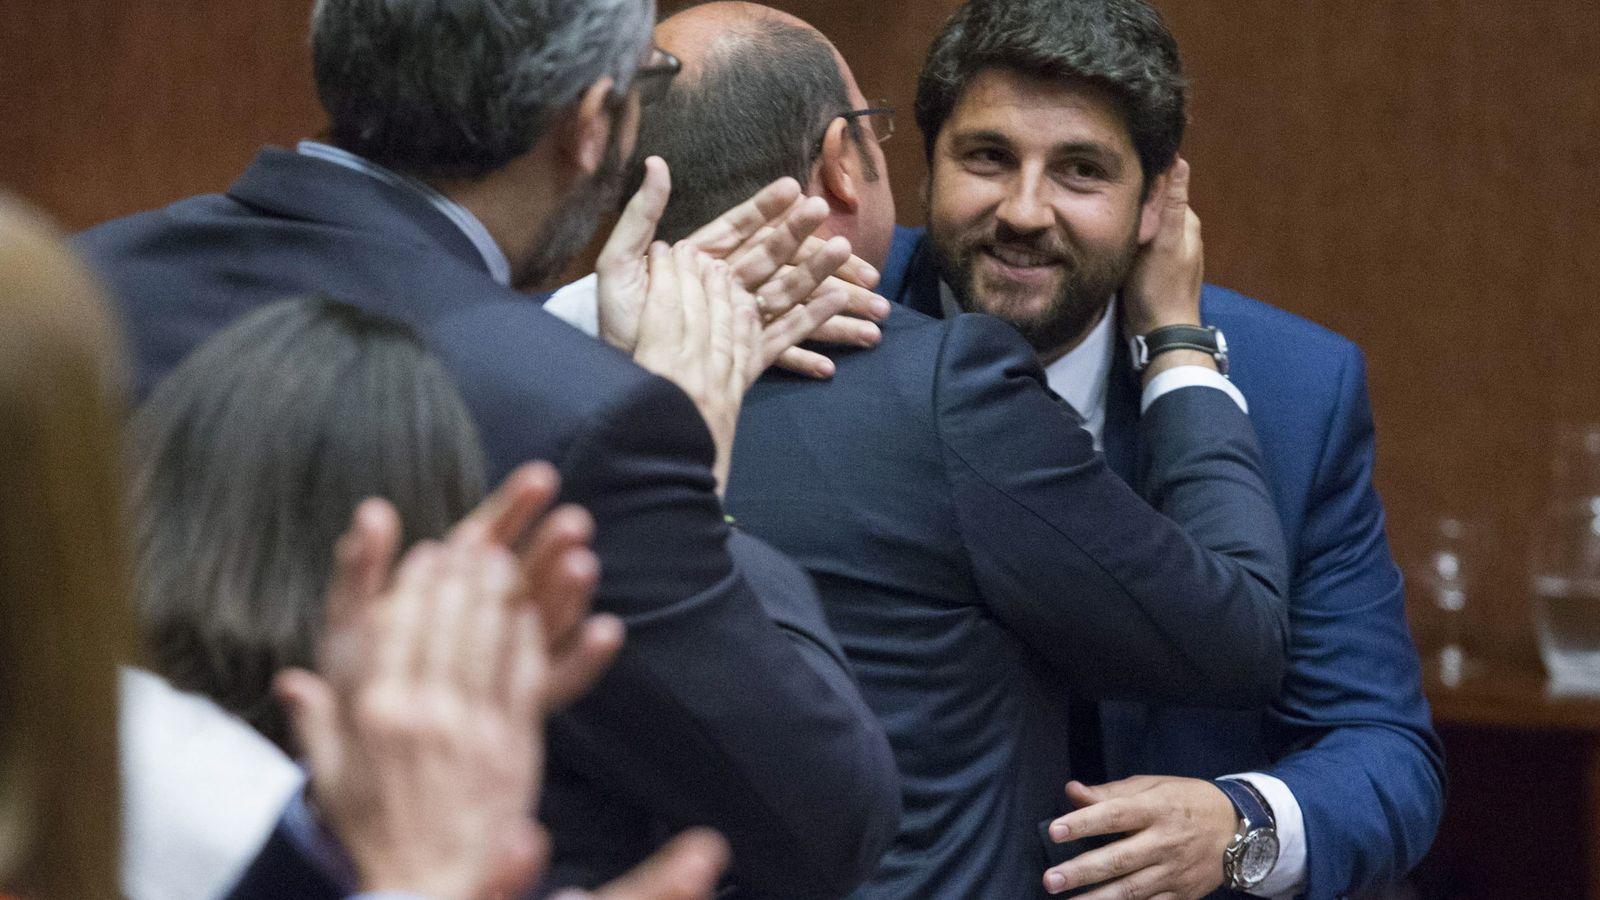 Foto: El recién investido presidente de la Región de Murcia, Fernando López Miras, se abraza a su antecesor, Pedro Antonio Sánchez. (EFE)